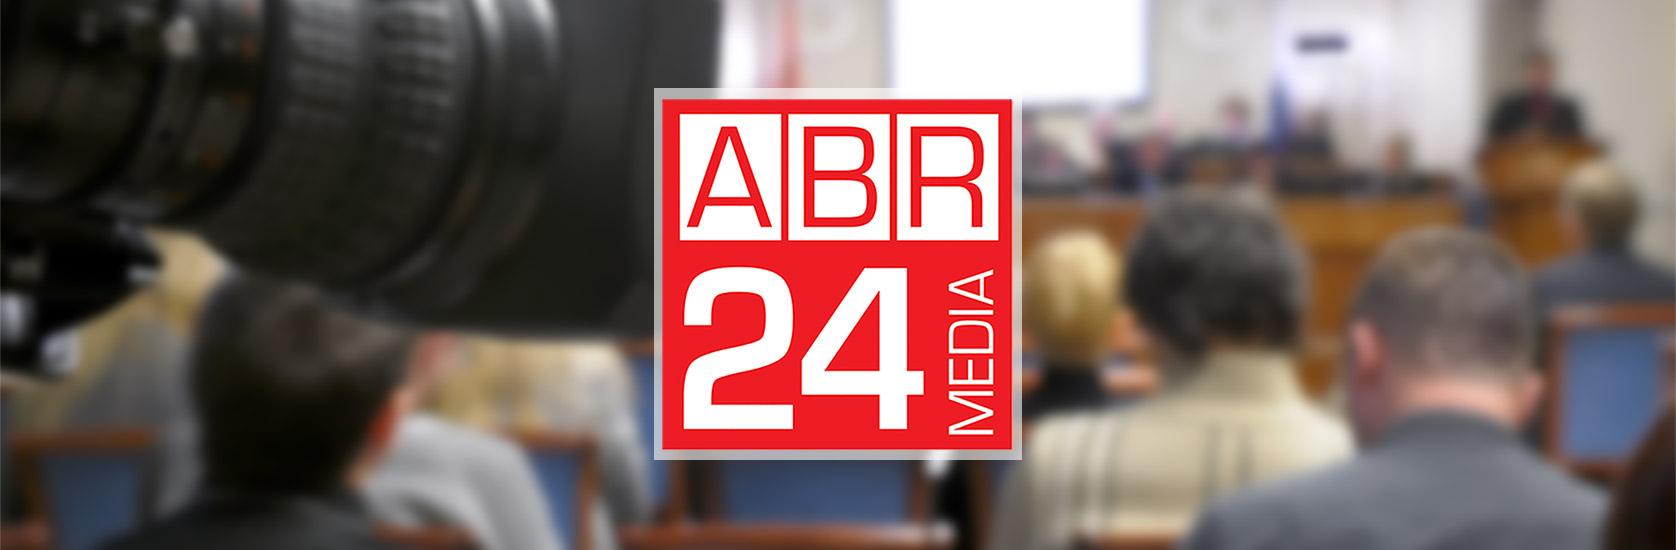 ABR-UFFICI-STAMPA2